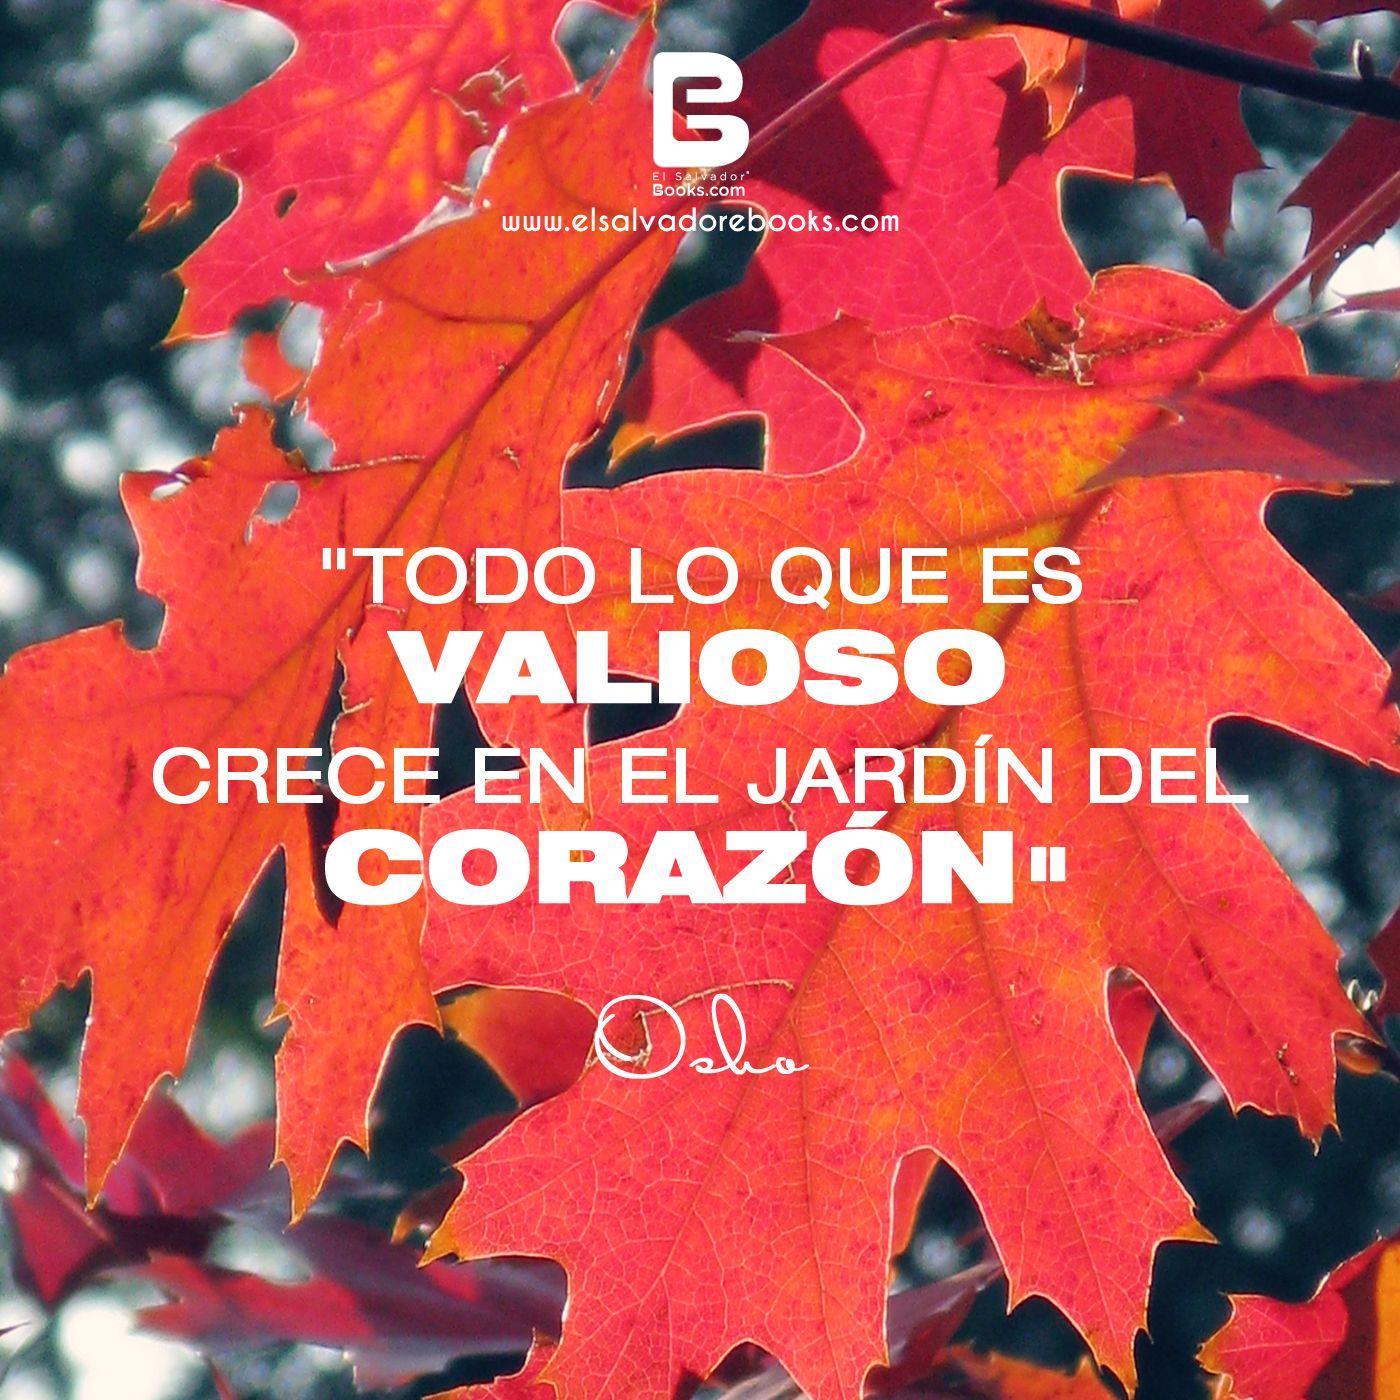 """""""Todo lo que es valioso crece en el Jardín del Corazón."""" —Osho—  Visítanos: http://www.elsalvadorebooks.com"""